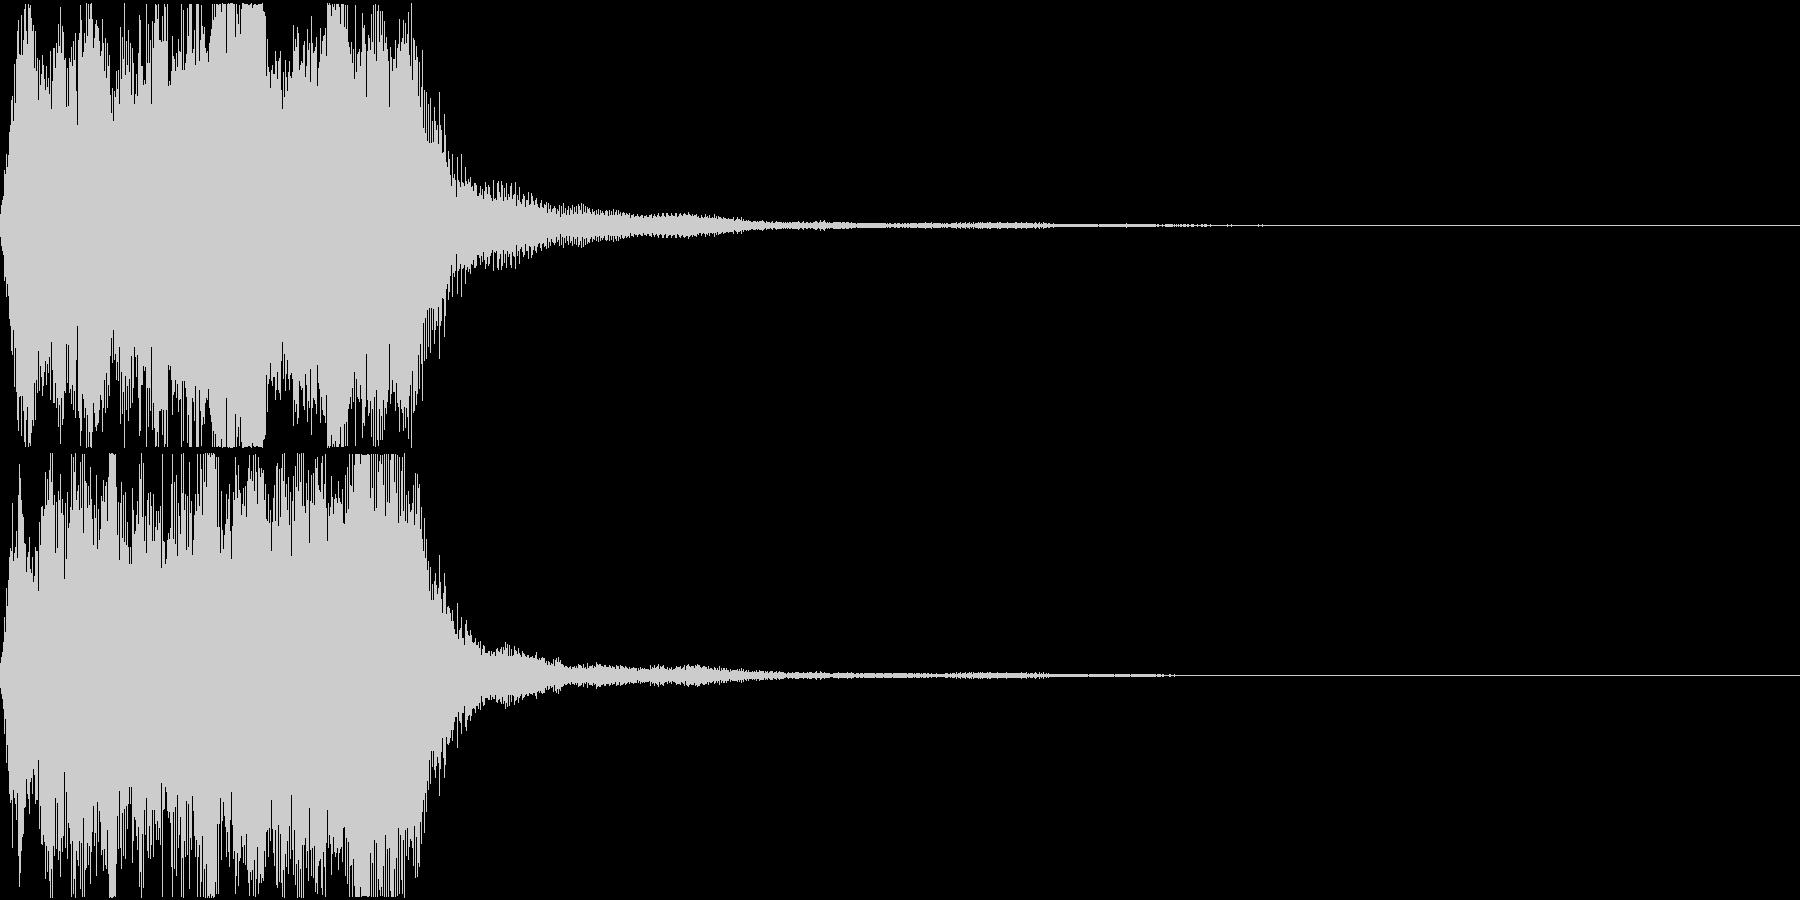 ラッパ ファンファーレ 定番 23の未再生の波形